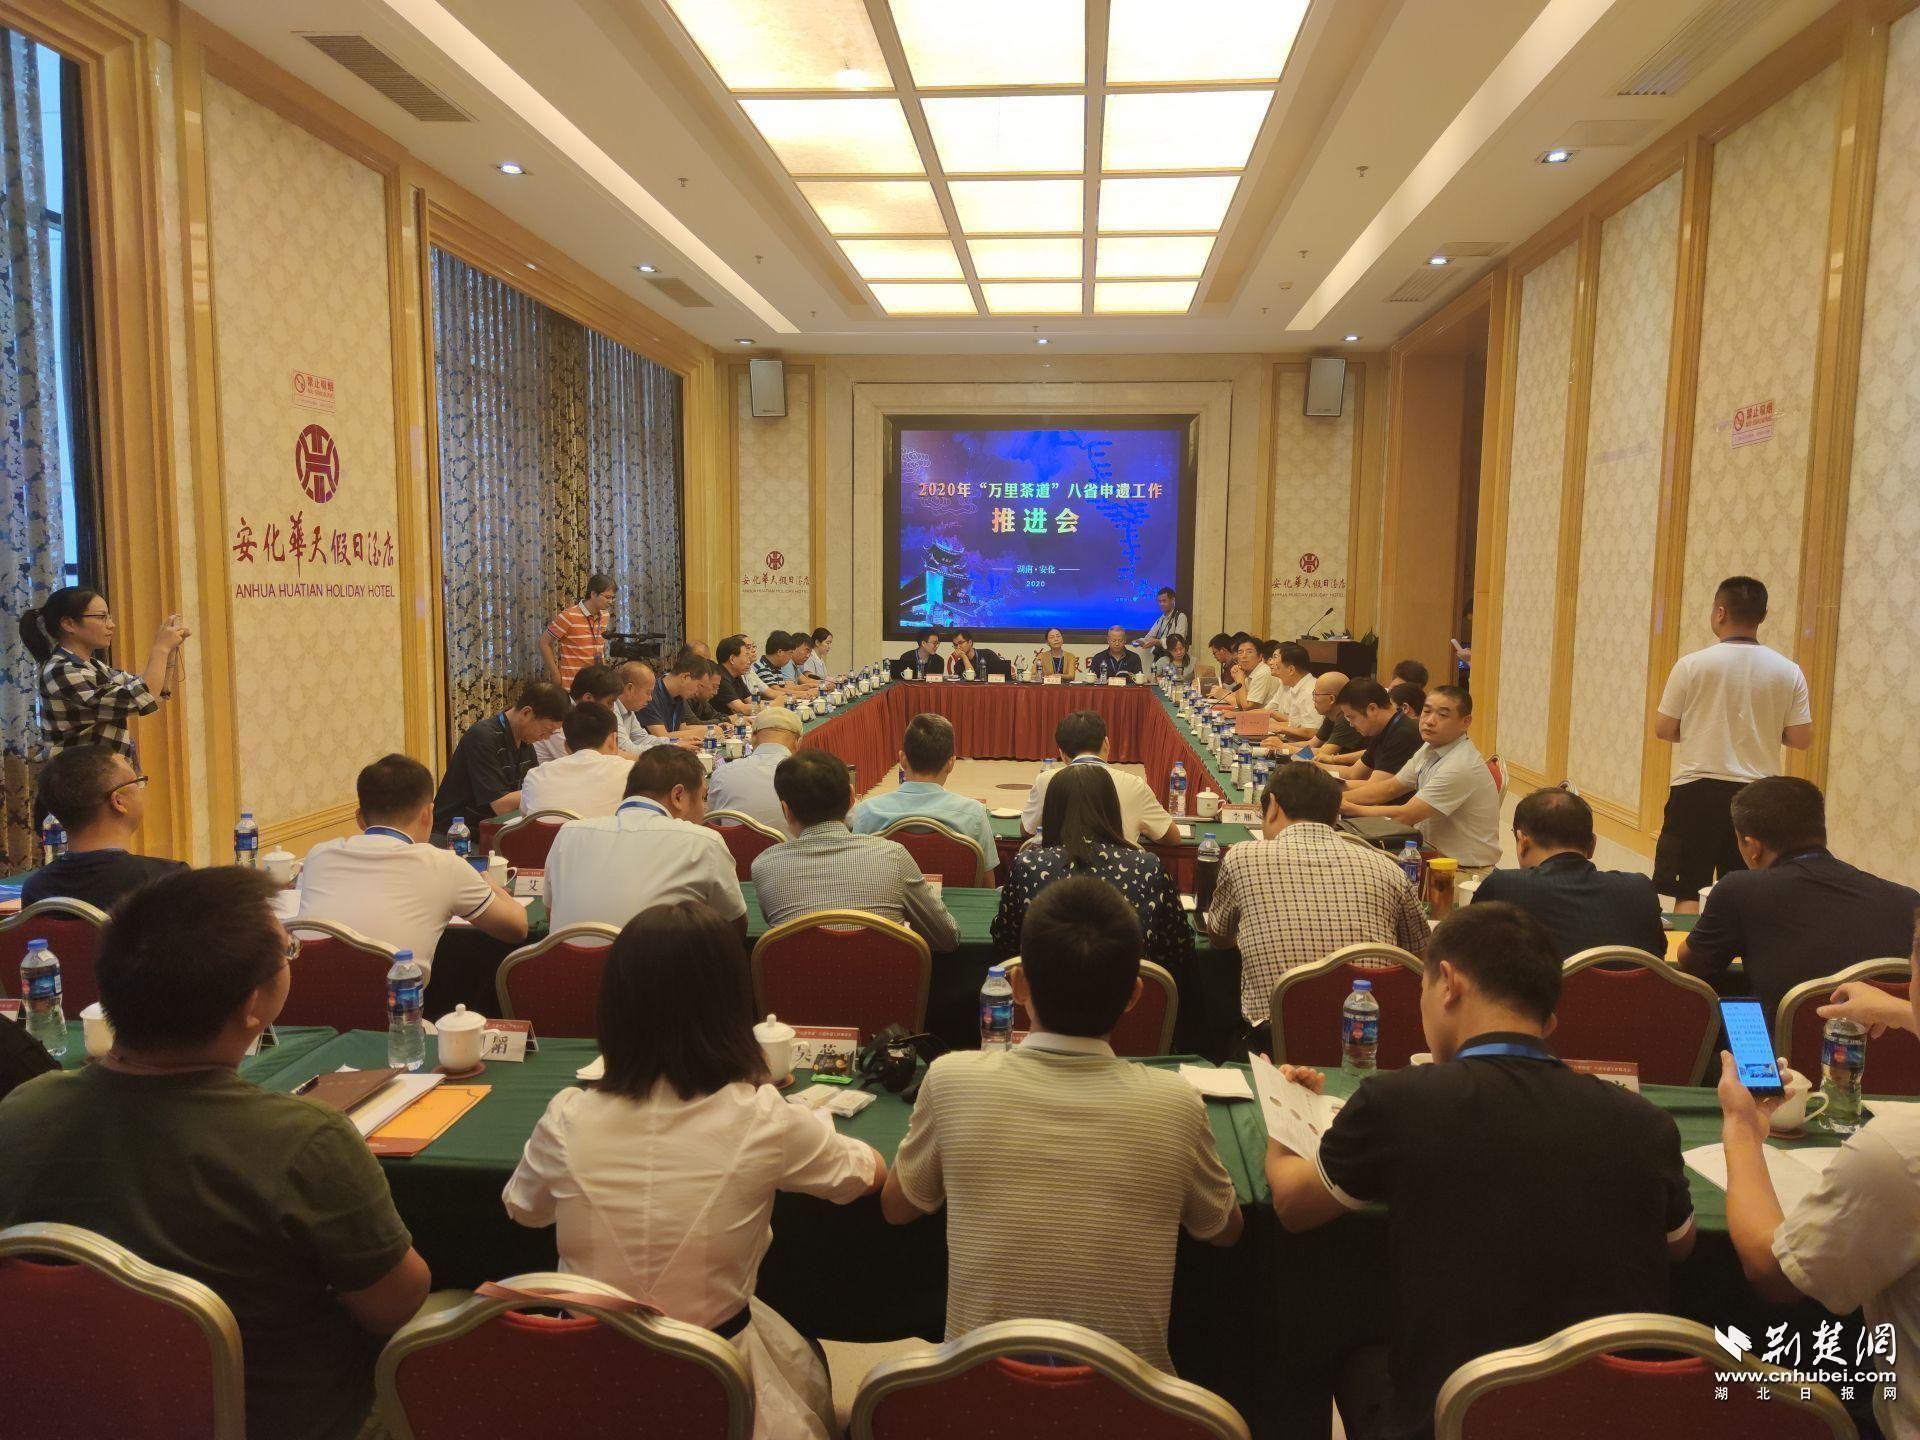 http://www.bjgjt.com/beijingxinwen/174080.html